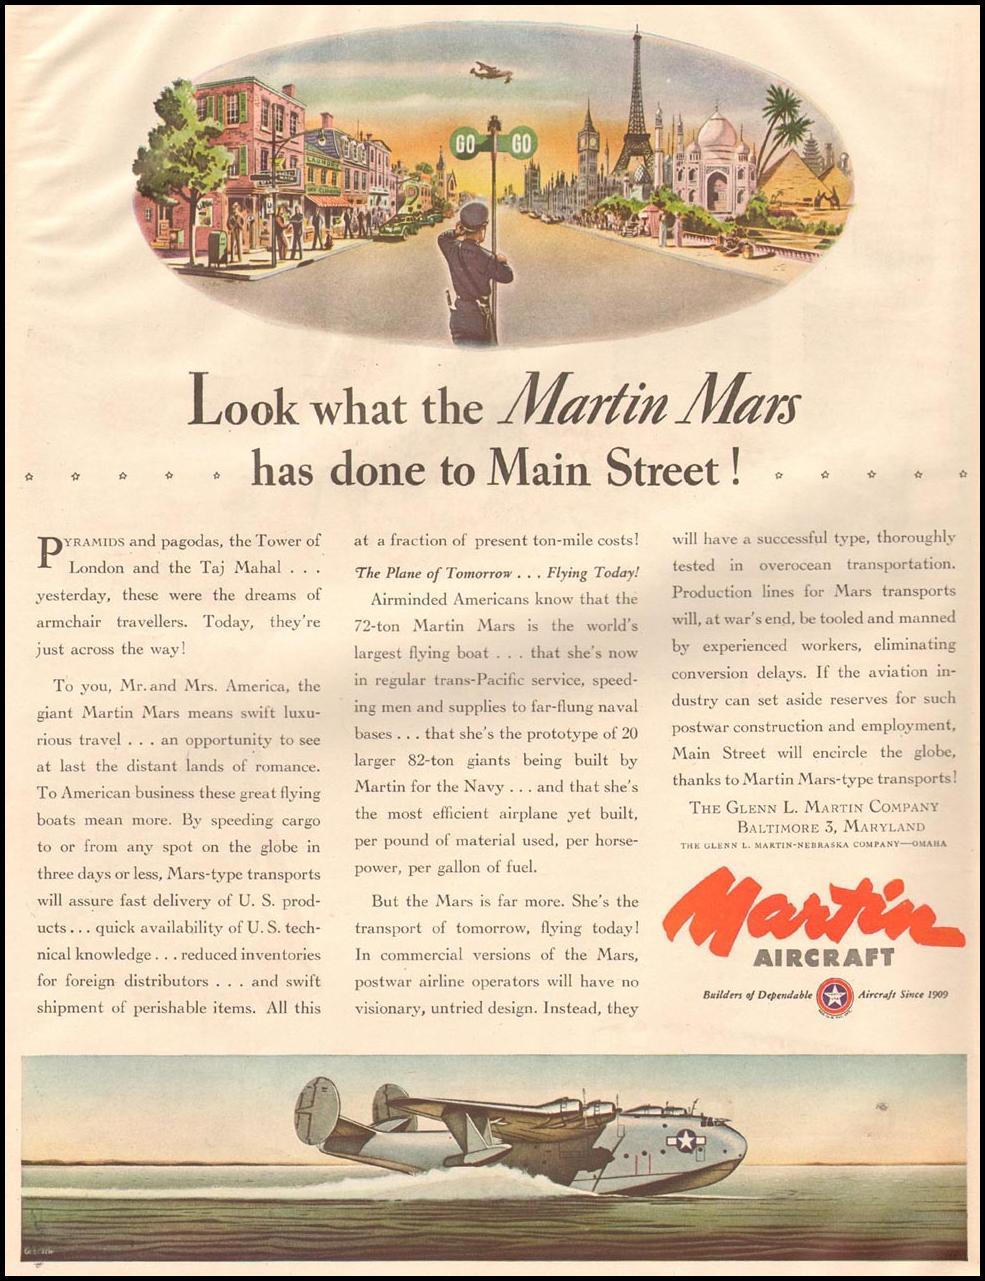 MARTIN AIRCRAFT LIFE 10/23/1944